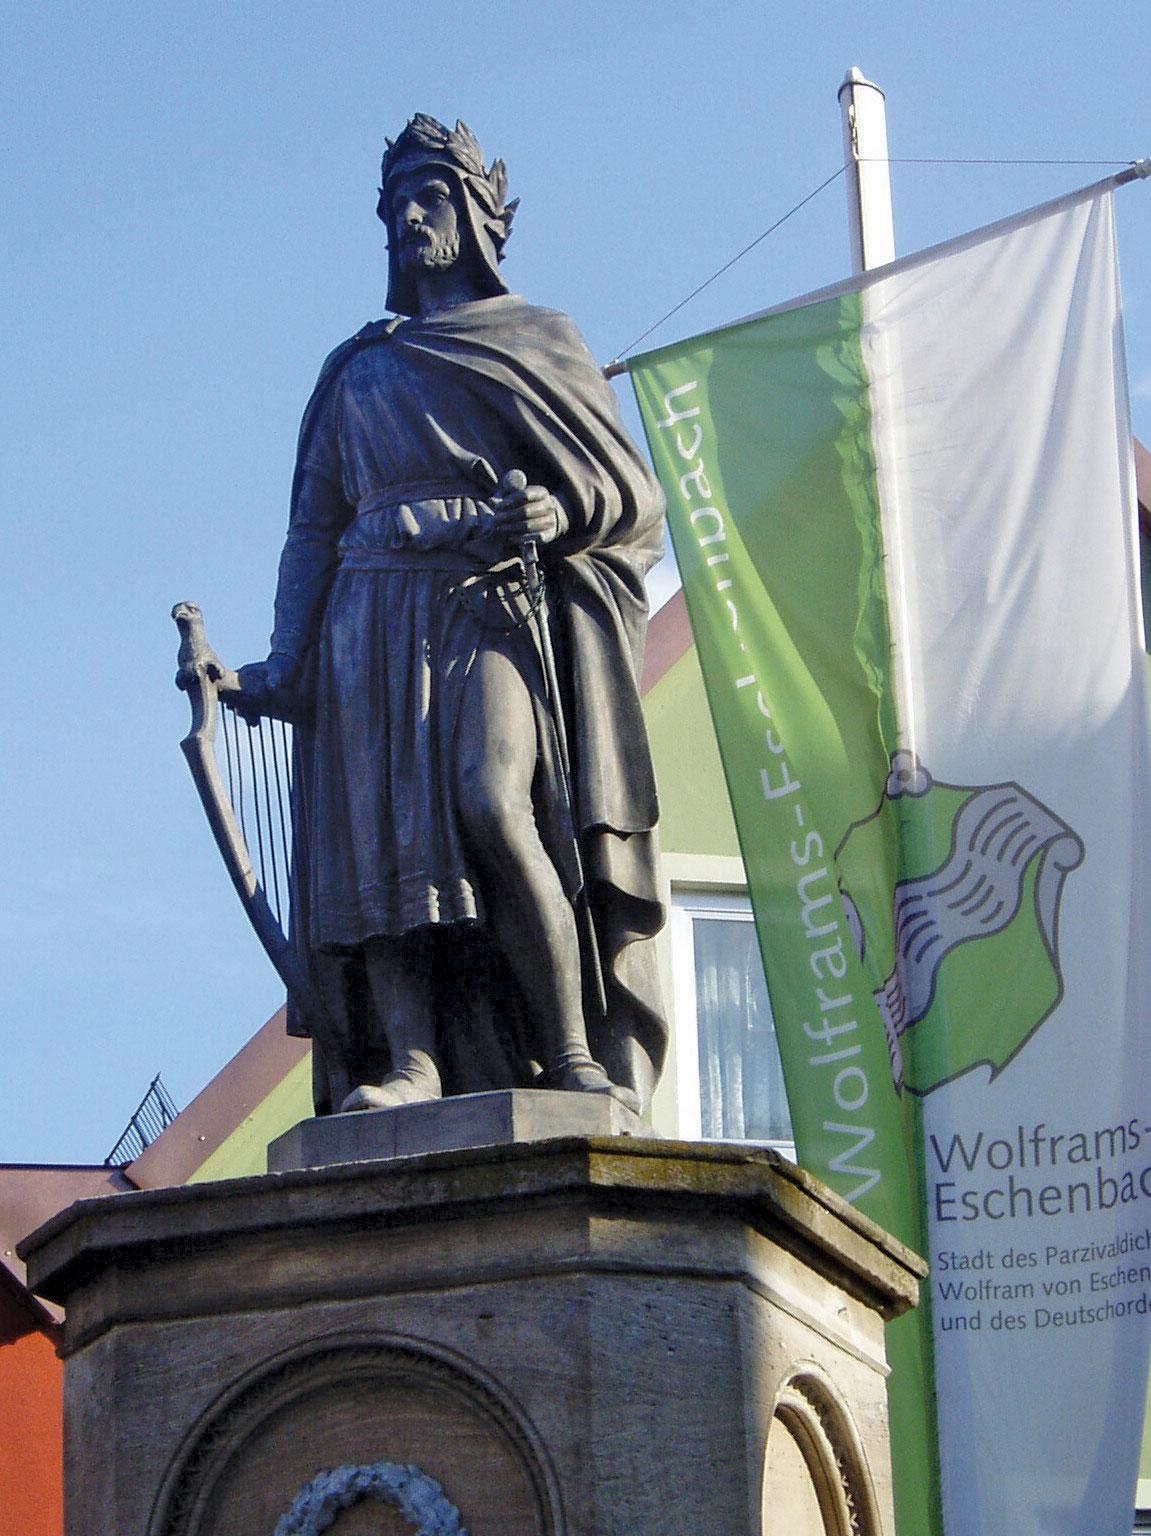 statue-Wolfram-Von-Eschenbach-Ger-Landkreis-Ansbach